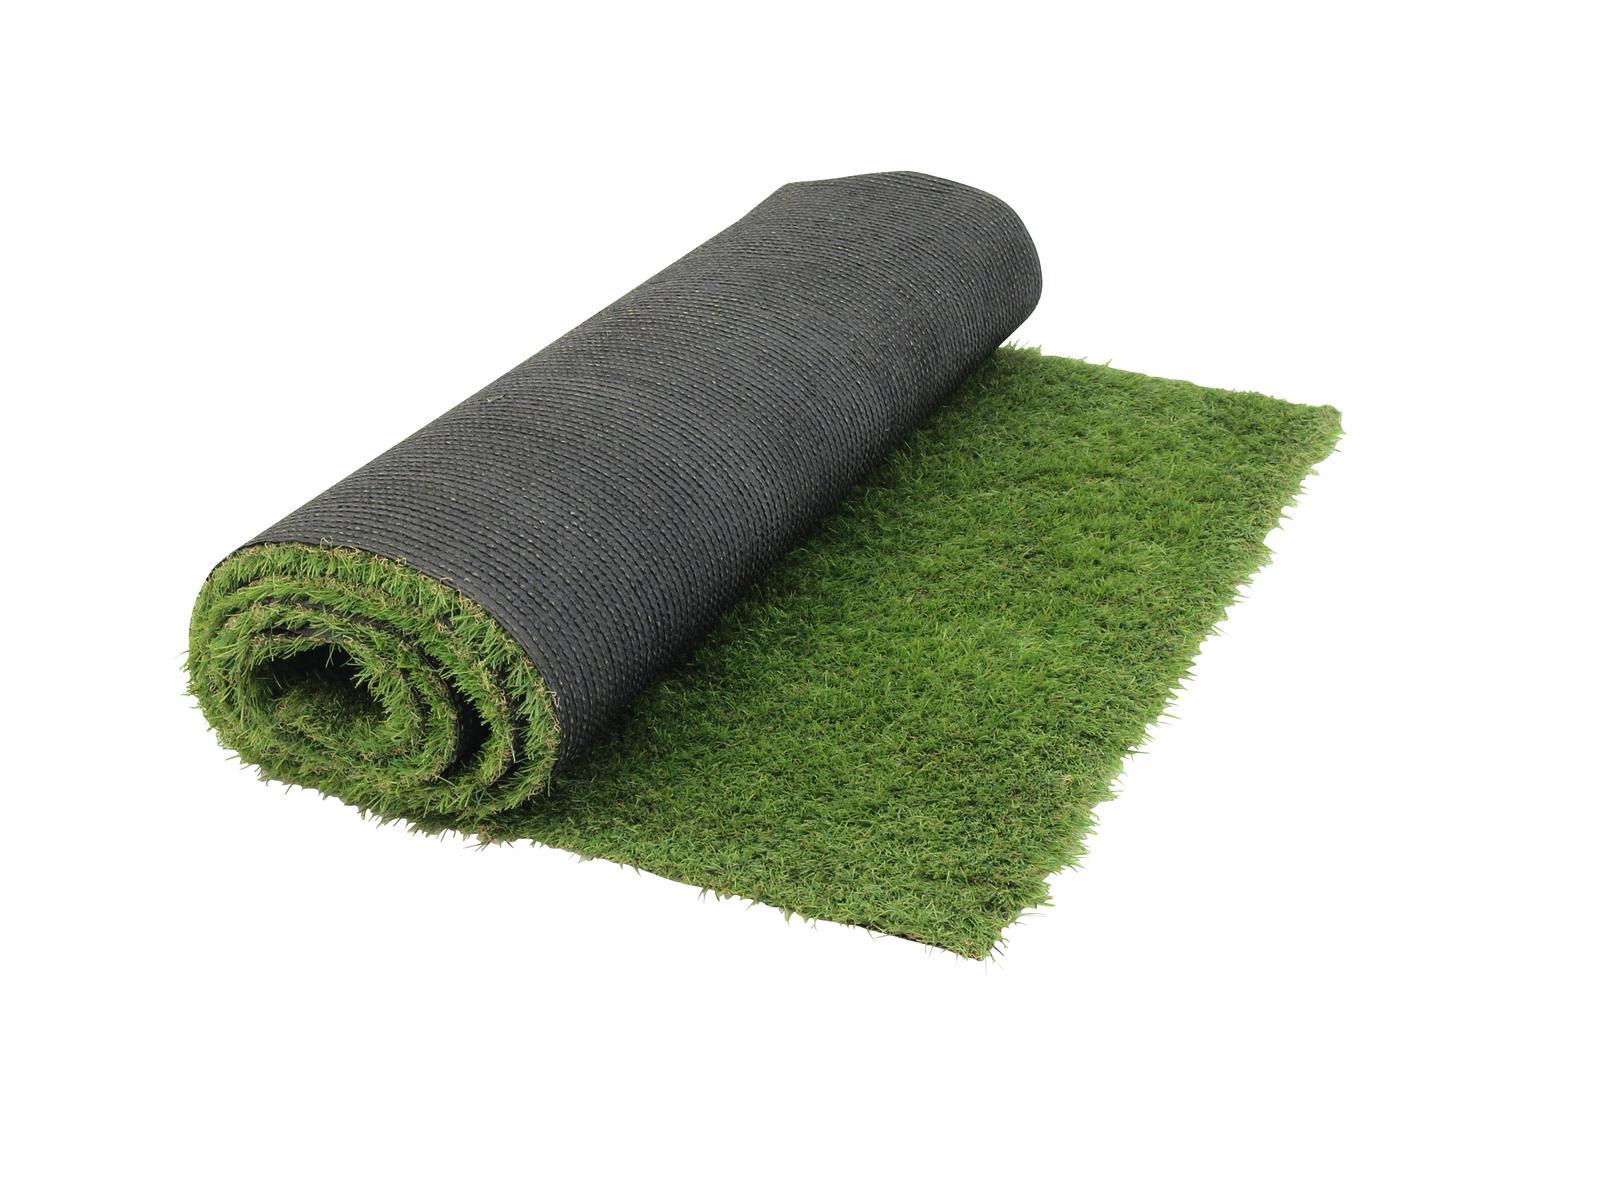 Umělý trávník - světle zelený, odolný proti UV zážení, 1x 3 m